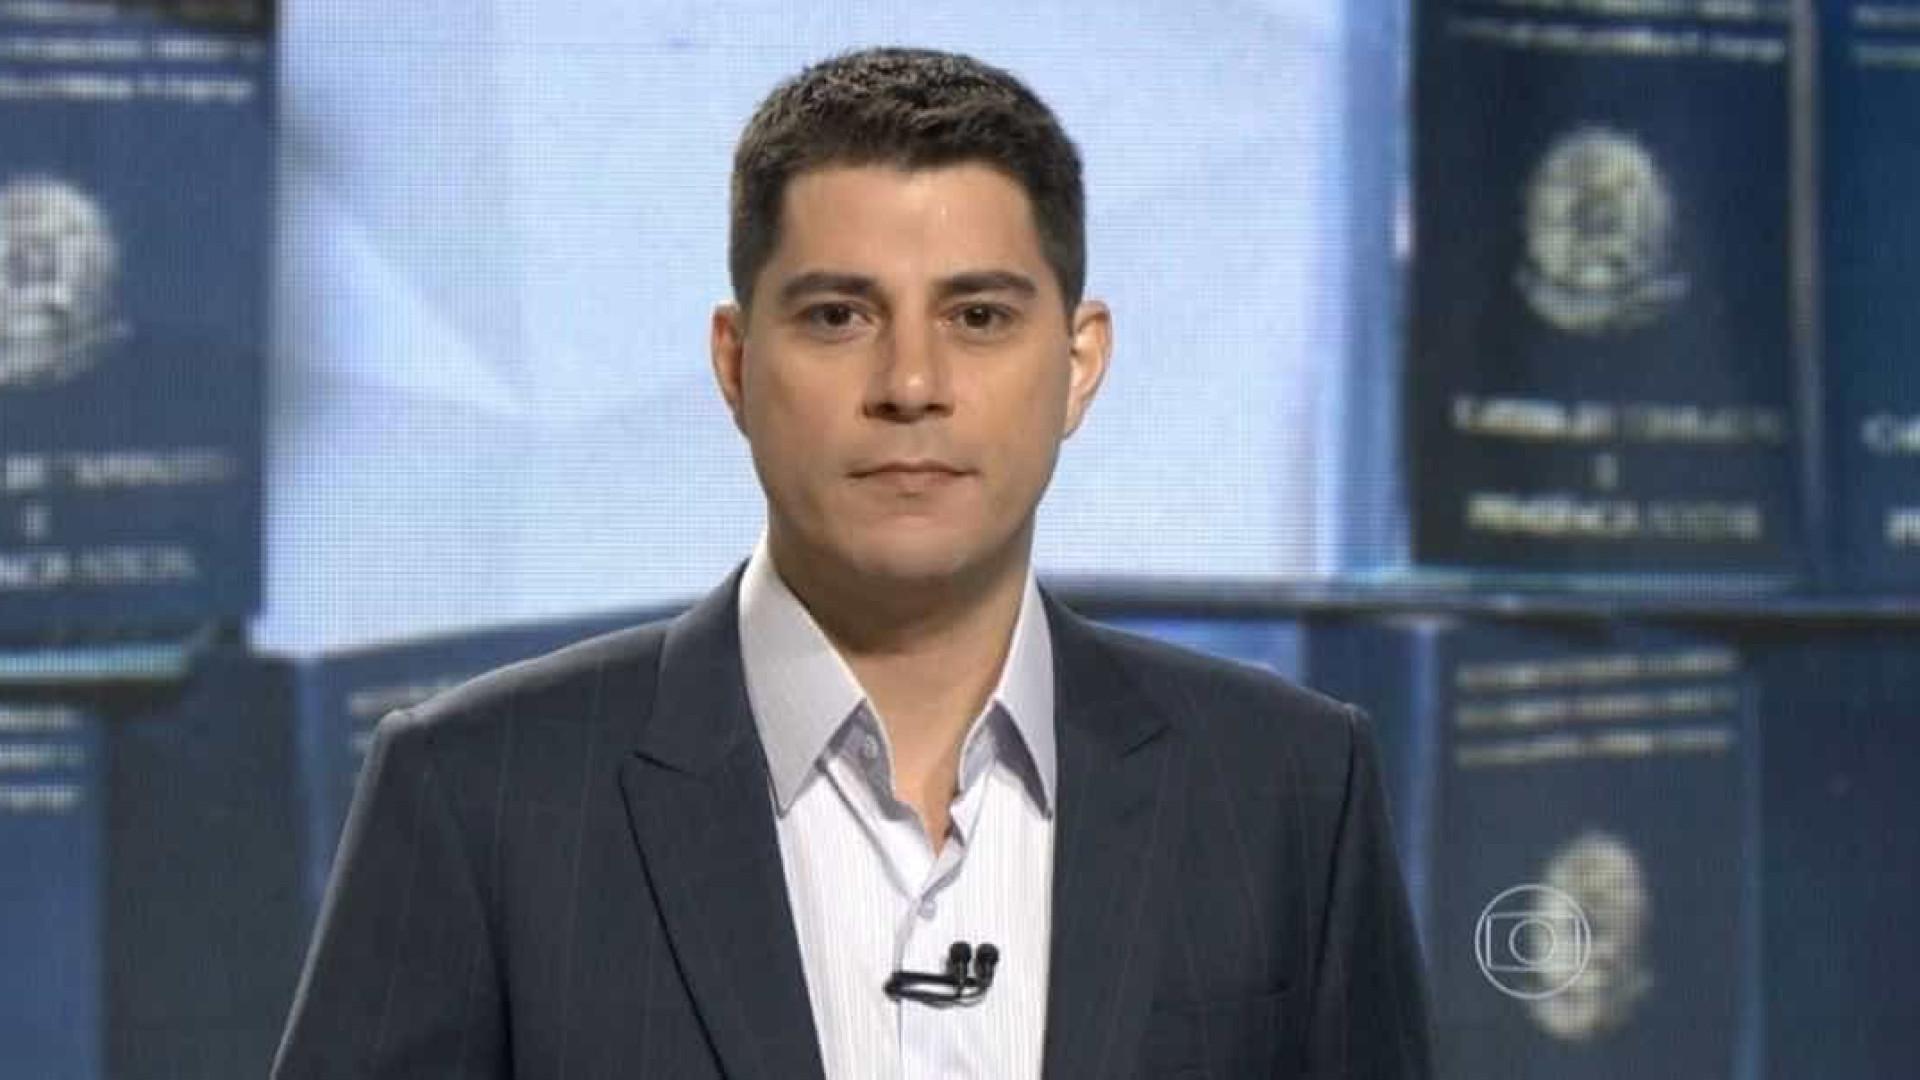 Com contrato pendente na Globo, Evaristo perde dinheiro de anúncios